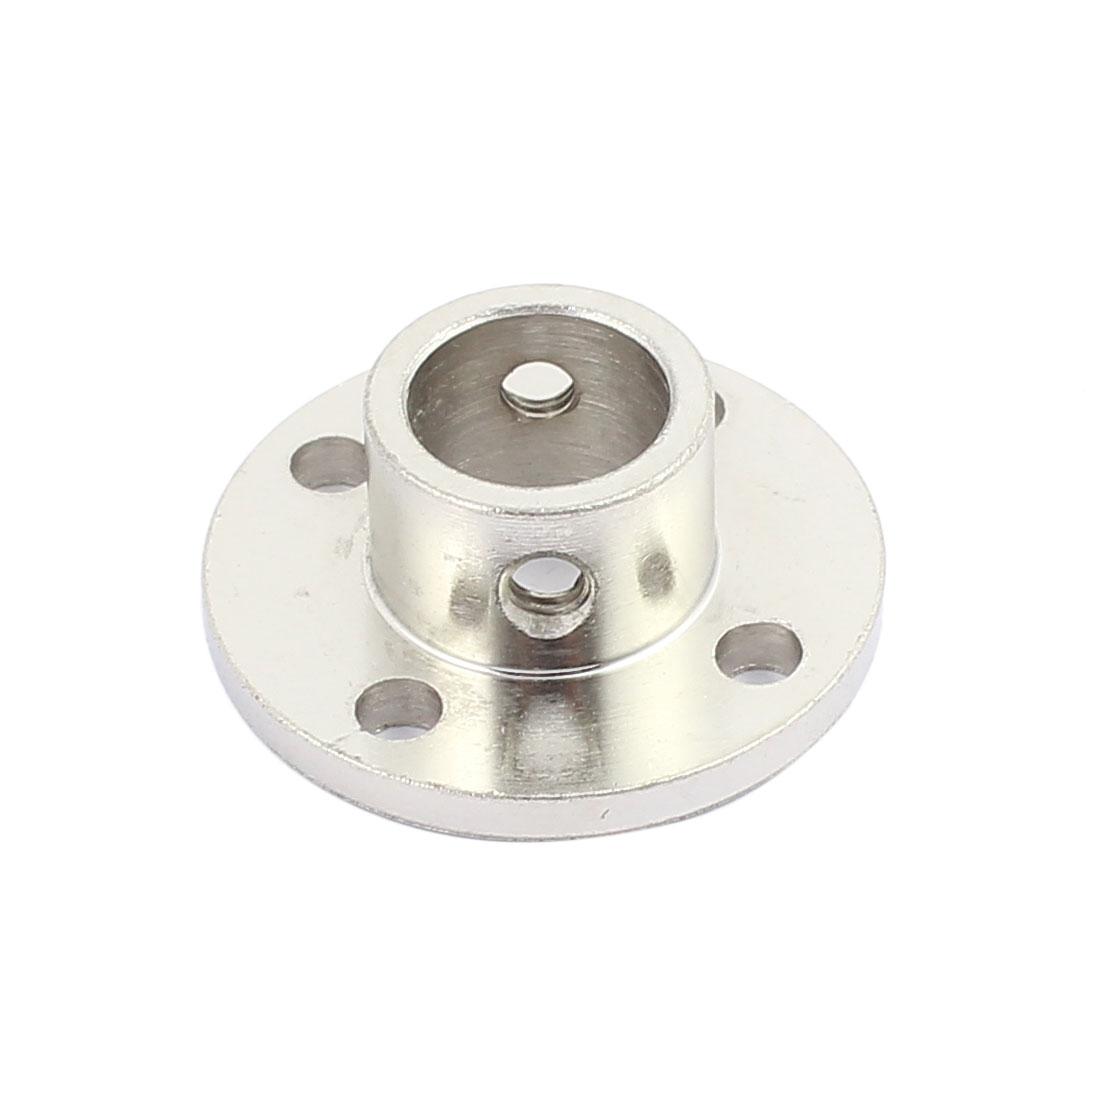 12mm Rigid Flange Coupling Motor Guide Shaft Coupler Motor Connector f DIY Parts